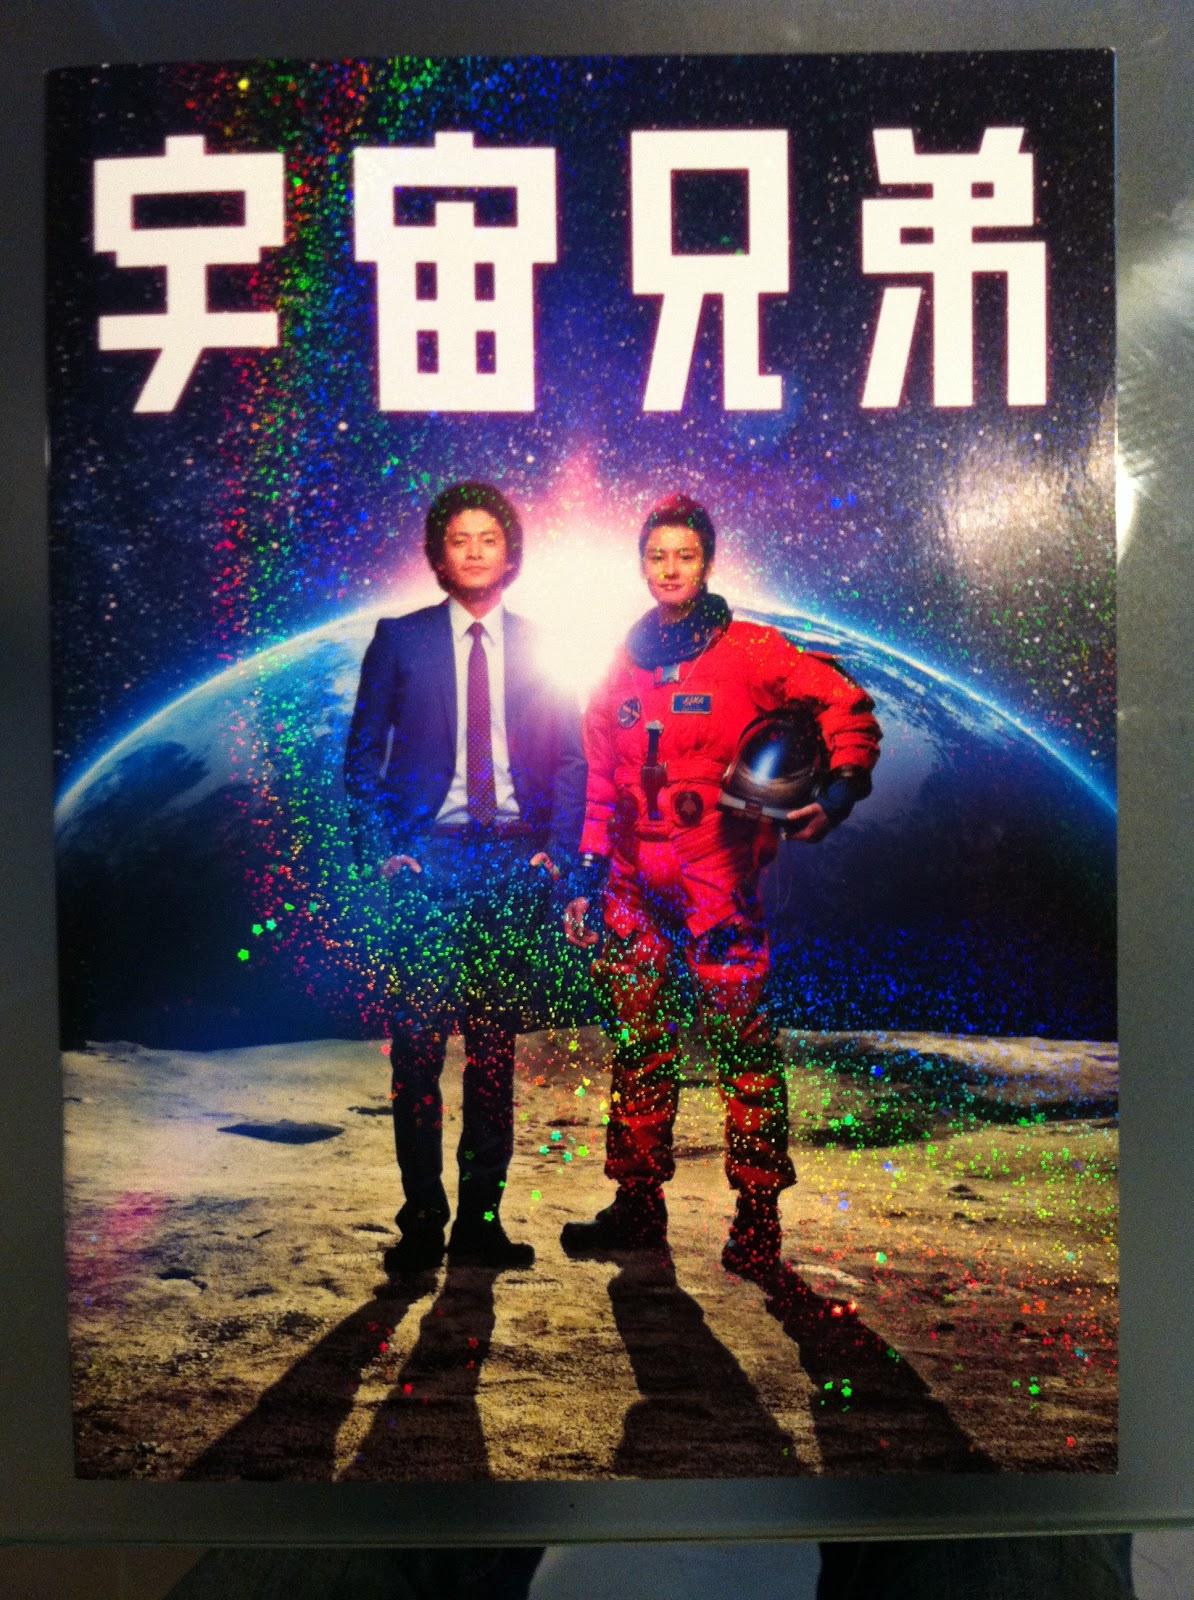 三日月プル太のひとりごと: 「宇宙兄弟」宇宙好き! 三日月プル太のひと...  「宇宙兄弟」宇宙